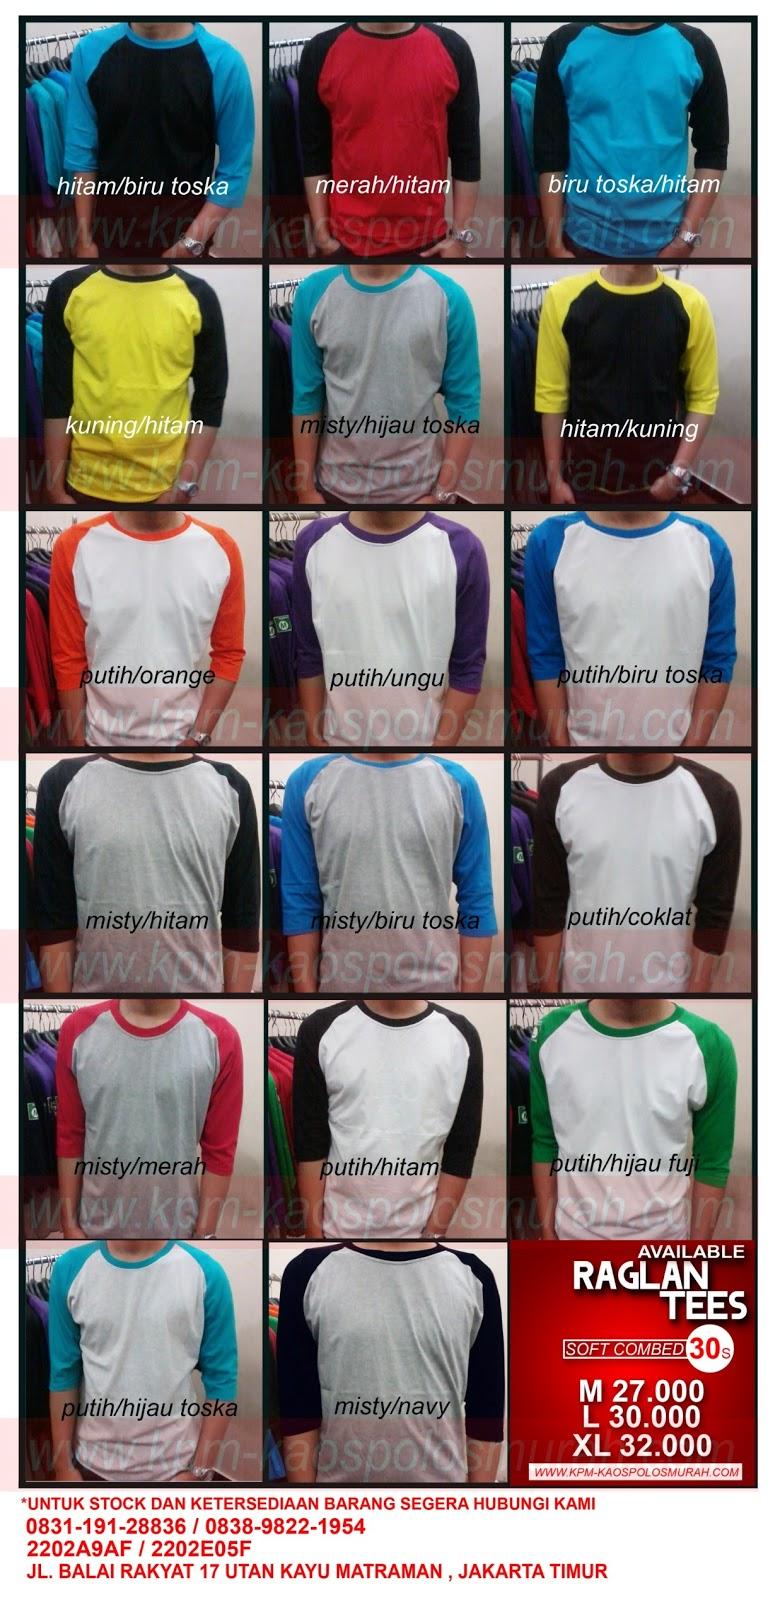 Kpm Supplier Kaos Polos Murah Grosir Combed Dan Jasa Coklat Cotton 30s Raglan 3 4 Banyak Pilihan Warnasoft 20s Unfinish Cut Obras Saja